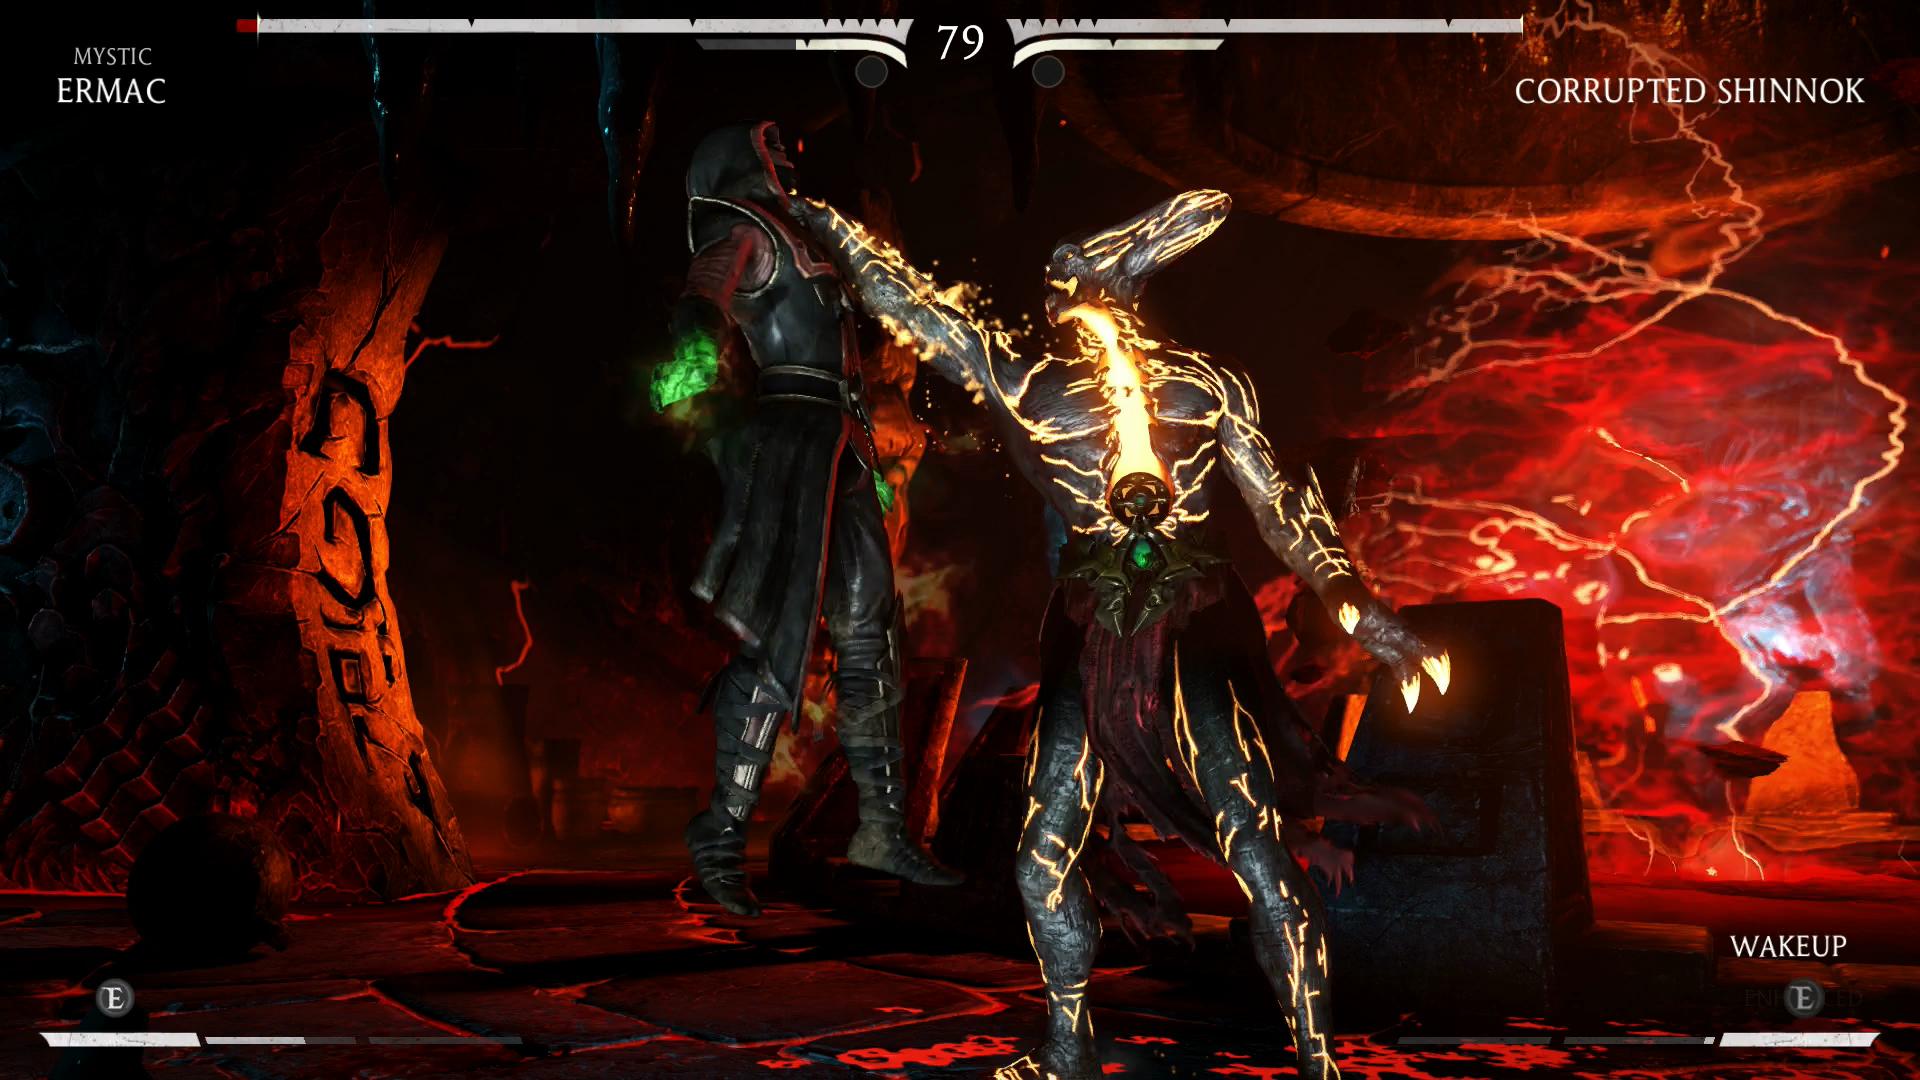 Resultado de imagen para corrupted shinnok | Shinnok-Mortal